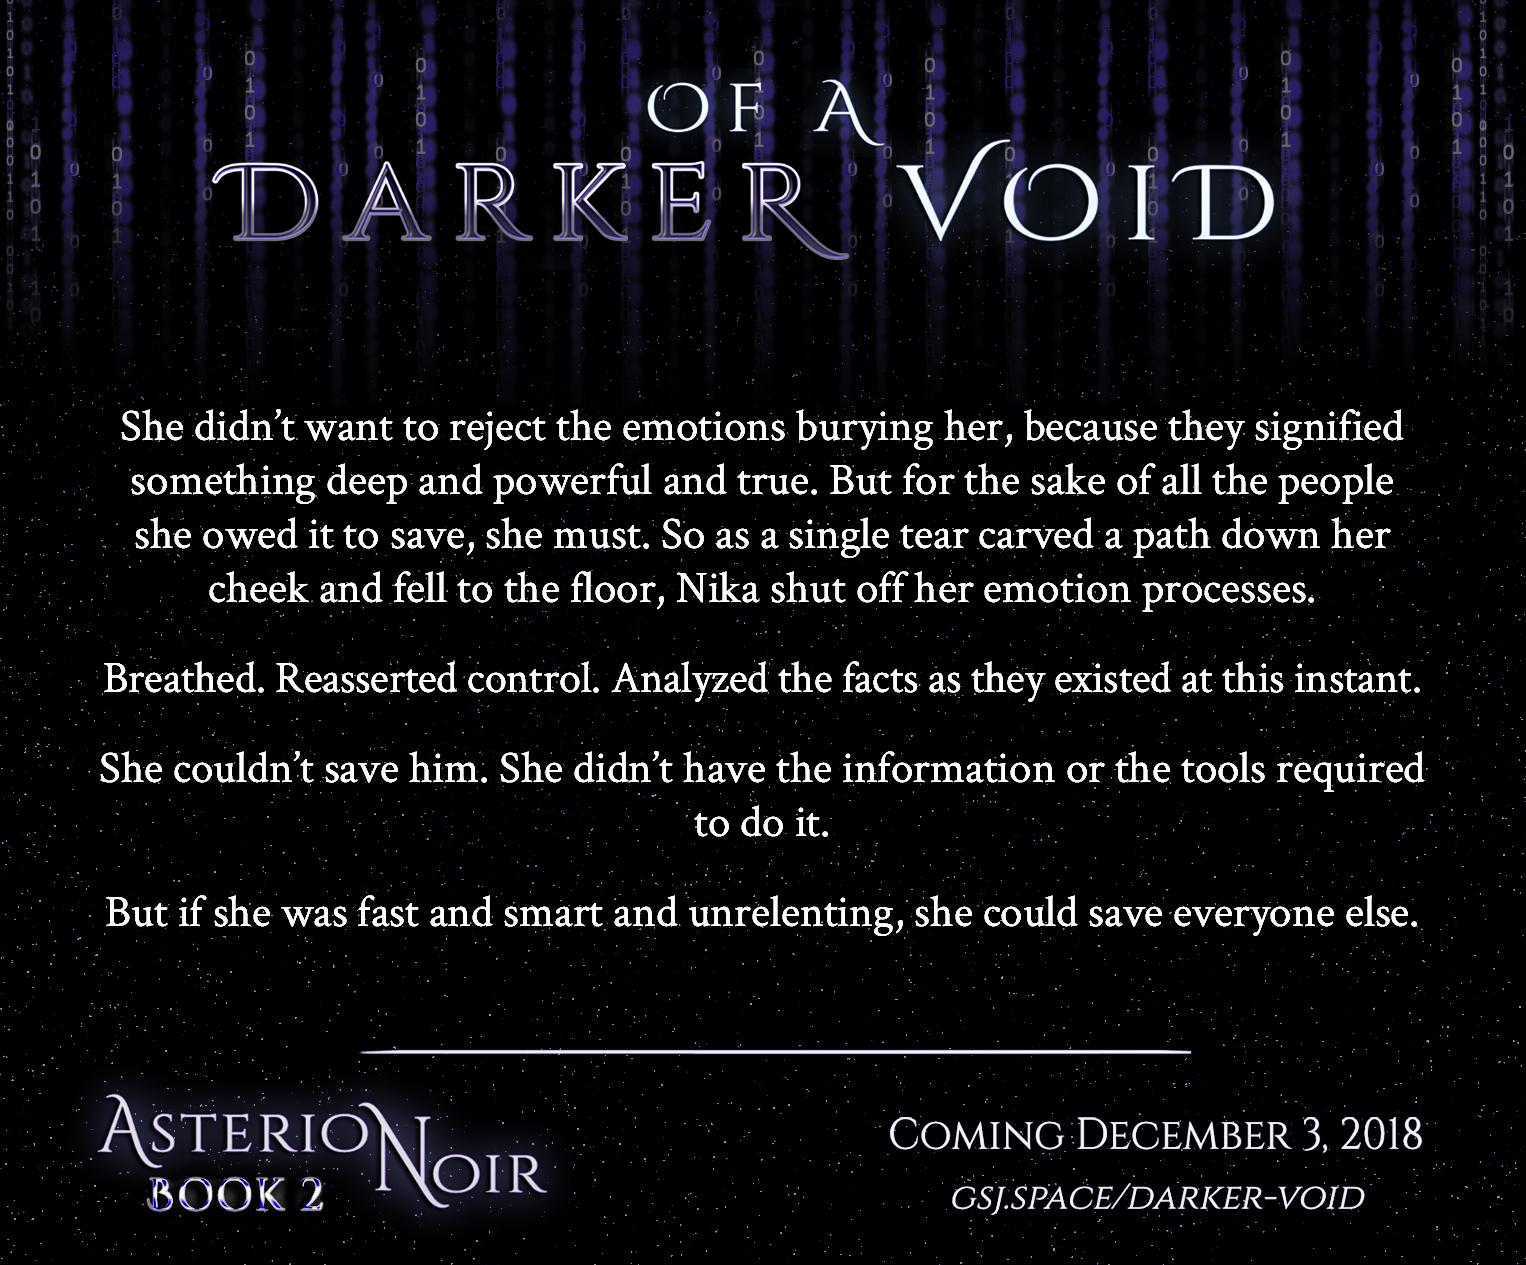 DarkerVoid_Quote_10.jpg